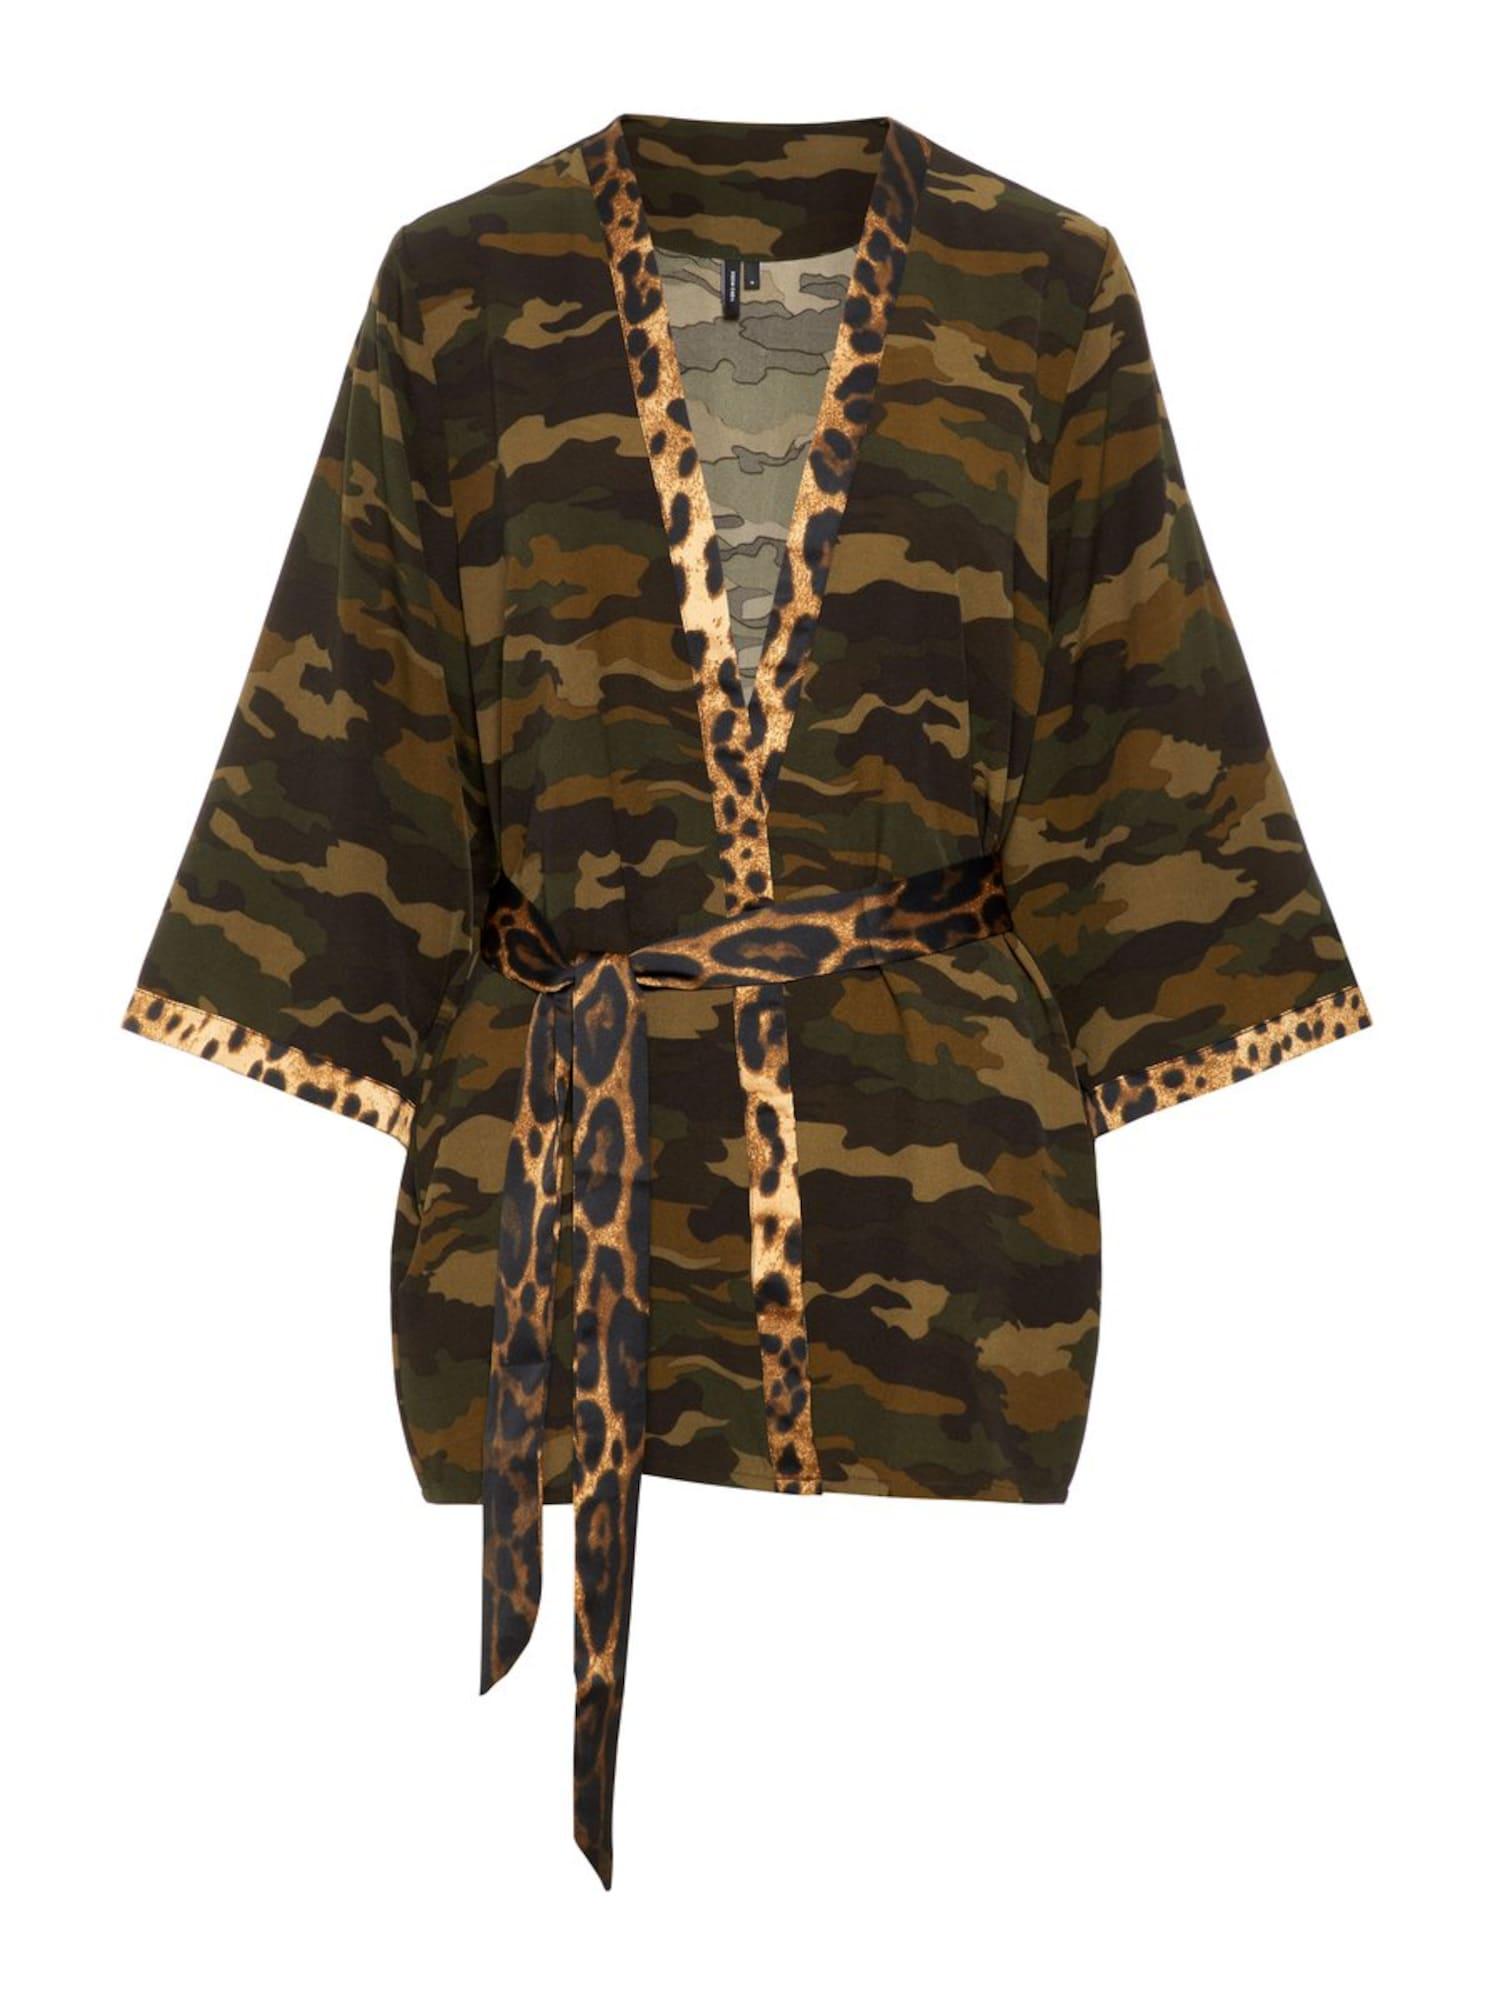 VERO MODA, Dames Kimono 'Camo', lichtbeige / bruin / kaki / zwart